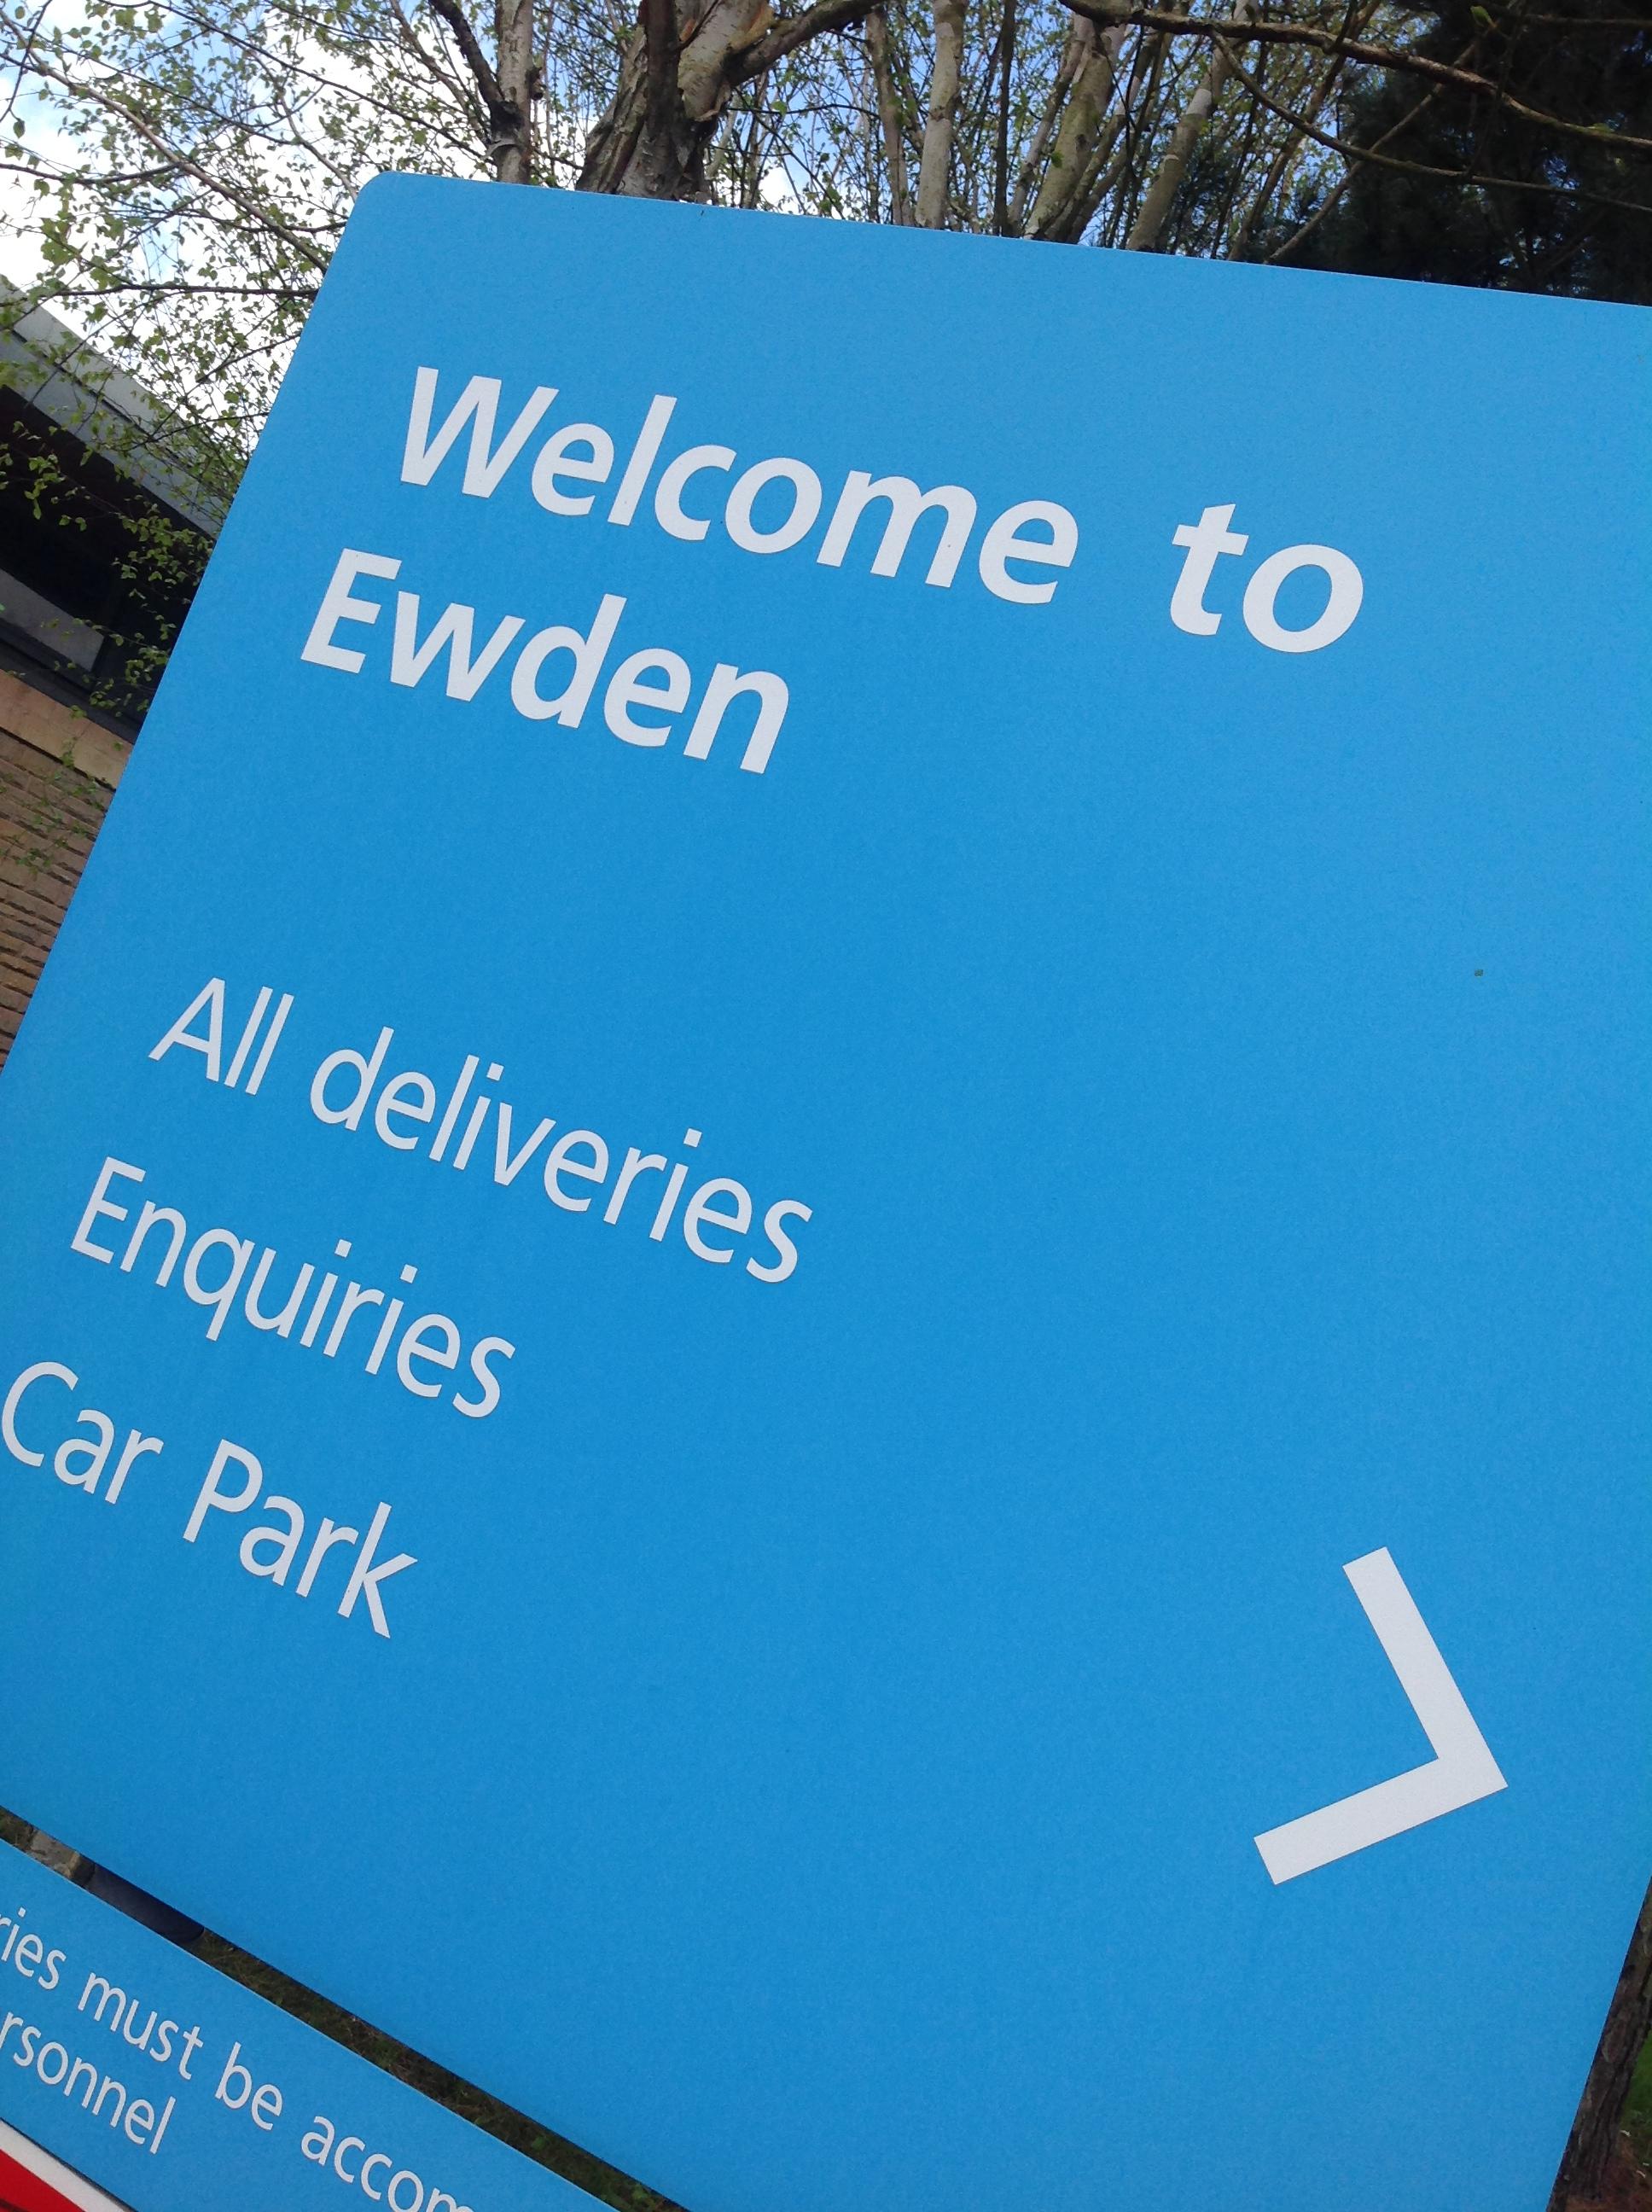 No More Pew! At Ewden